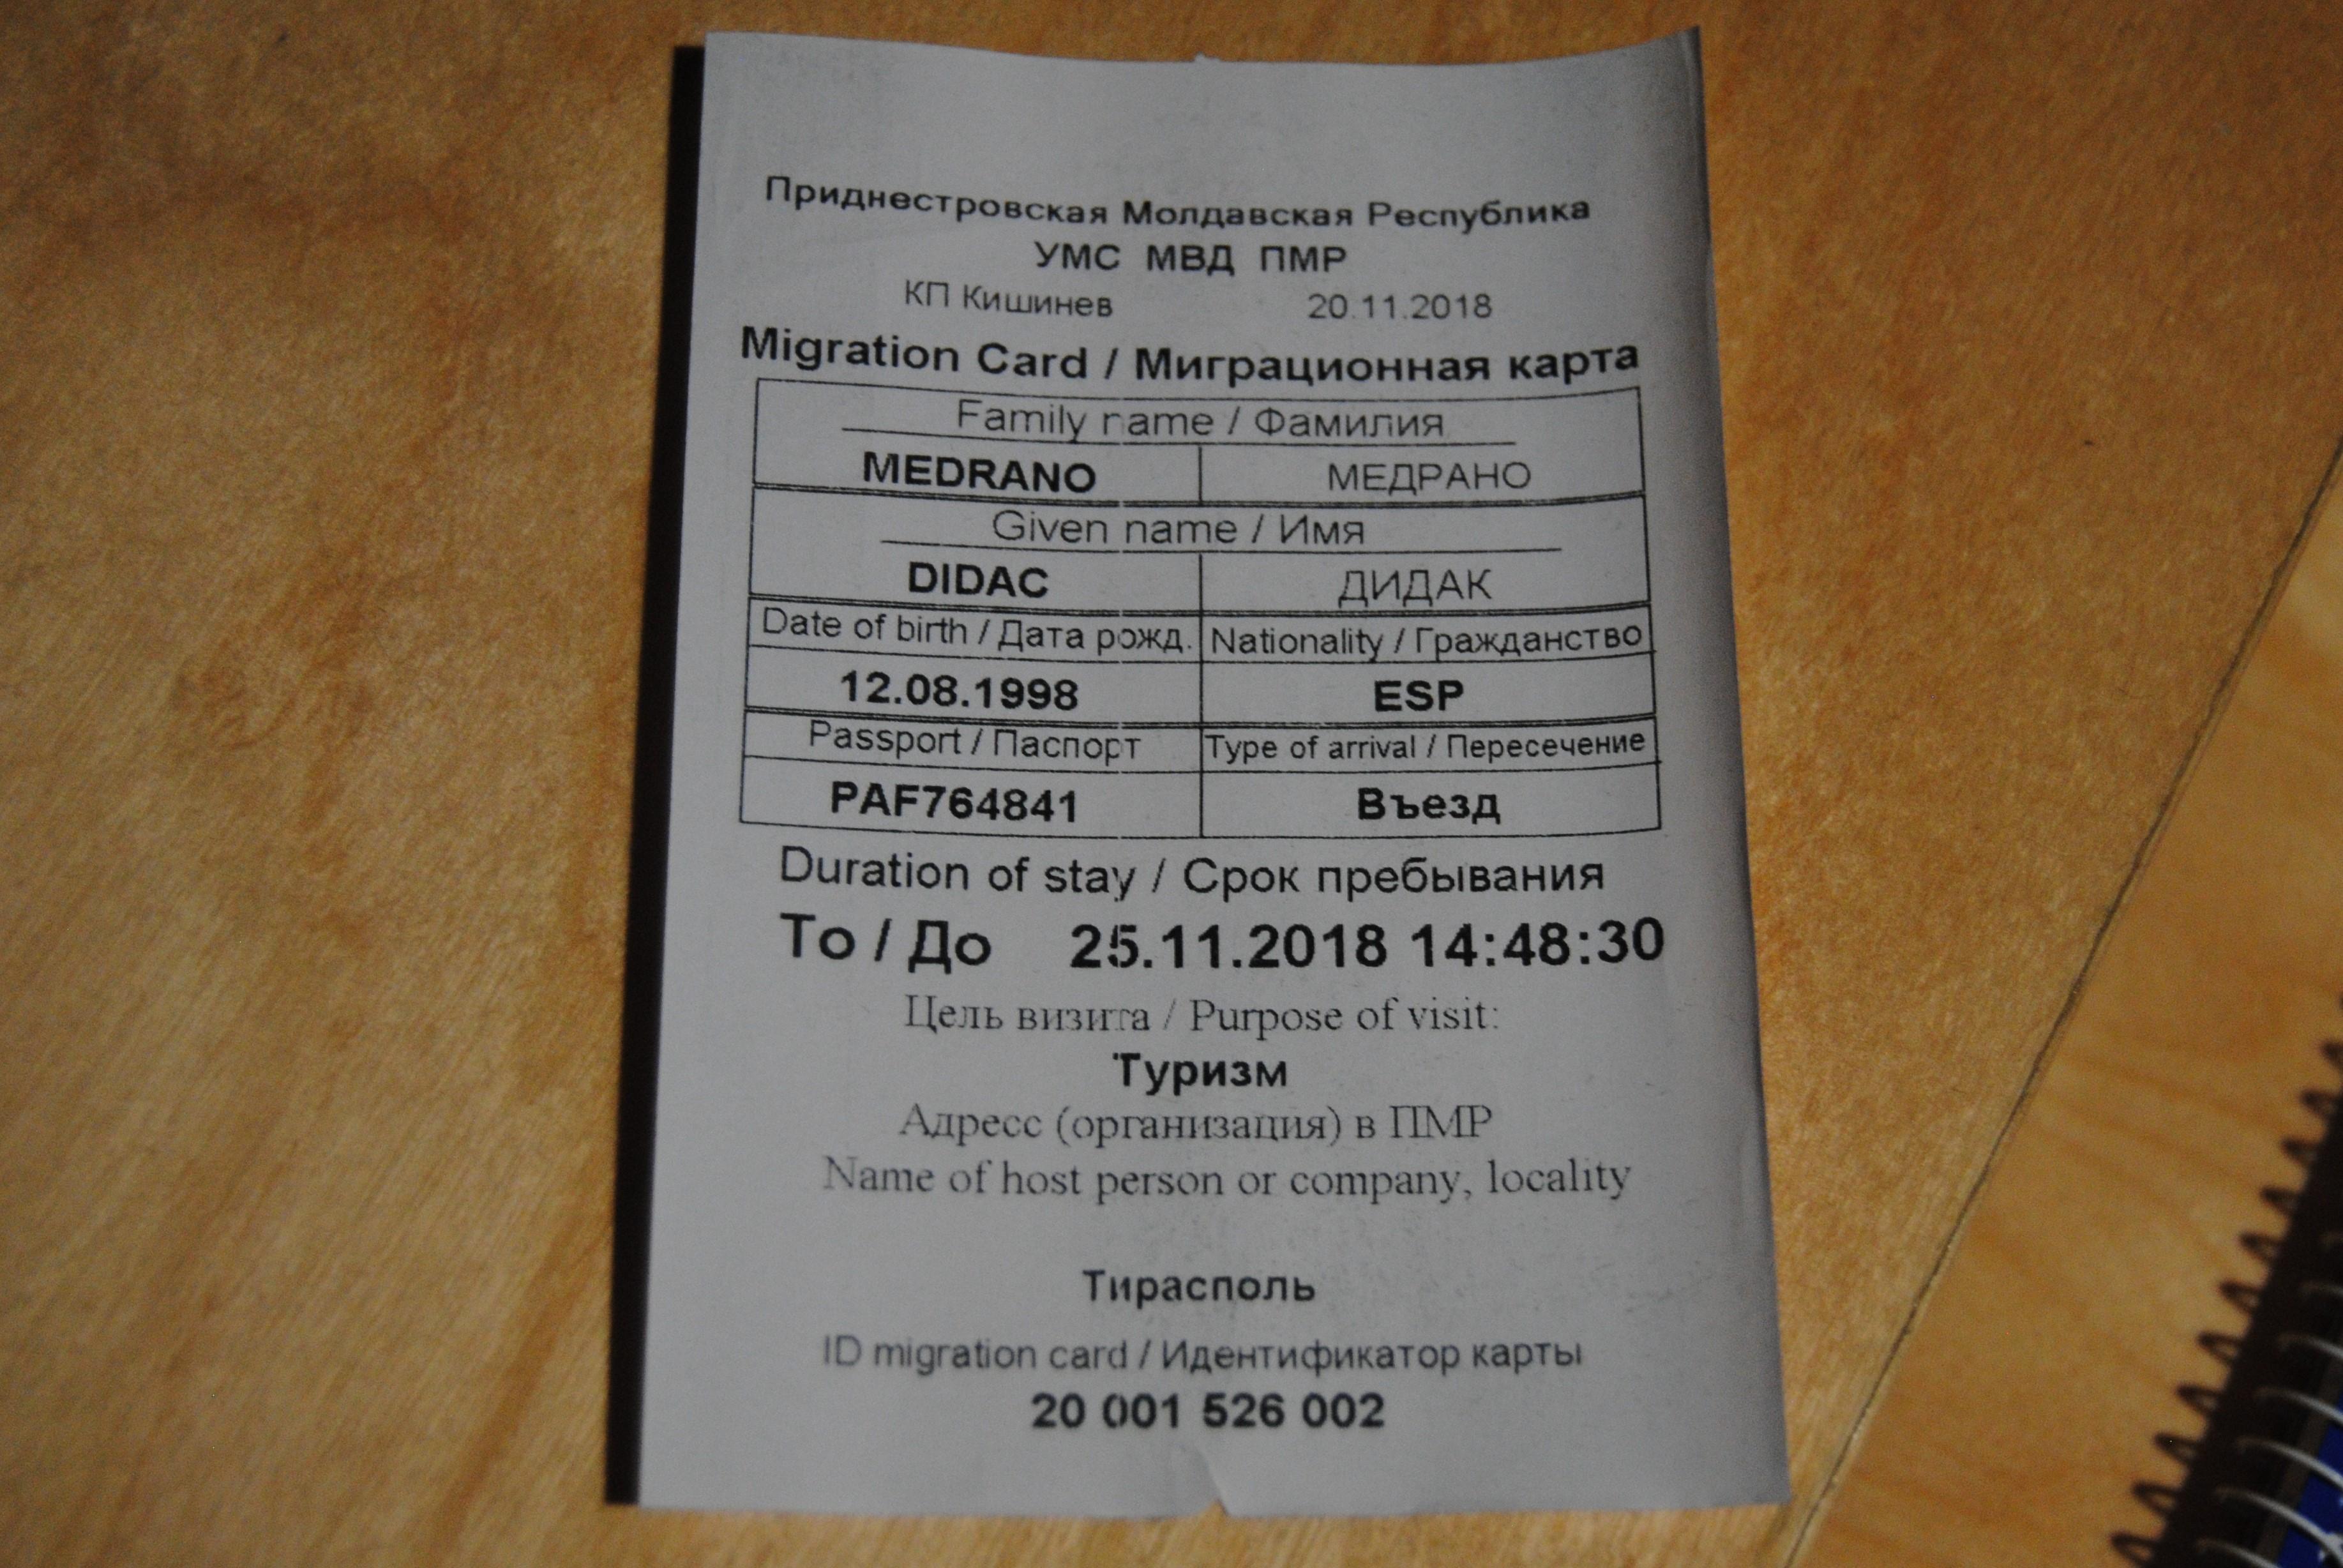 Formulario de entrada a Transnistria